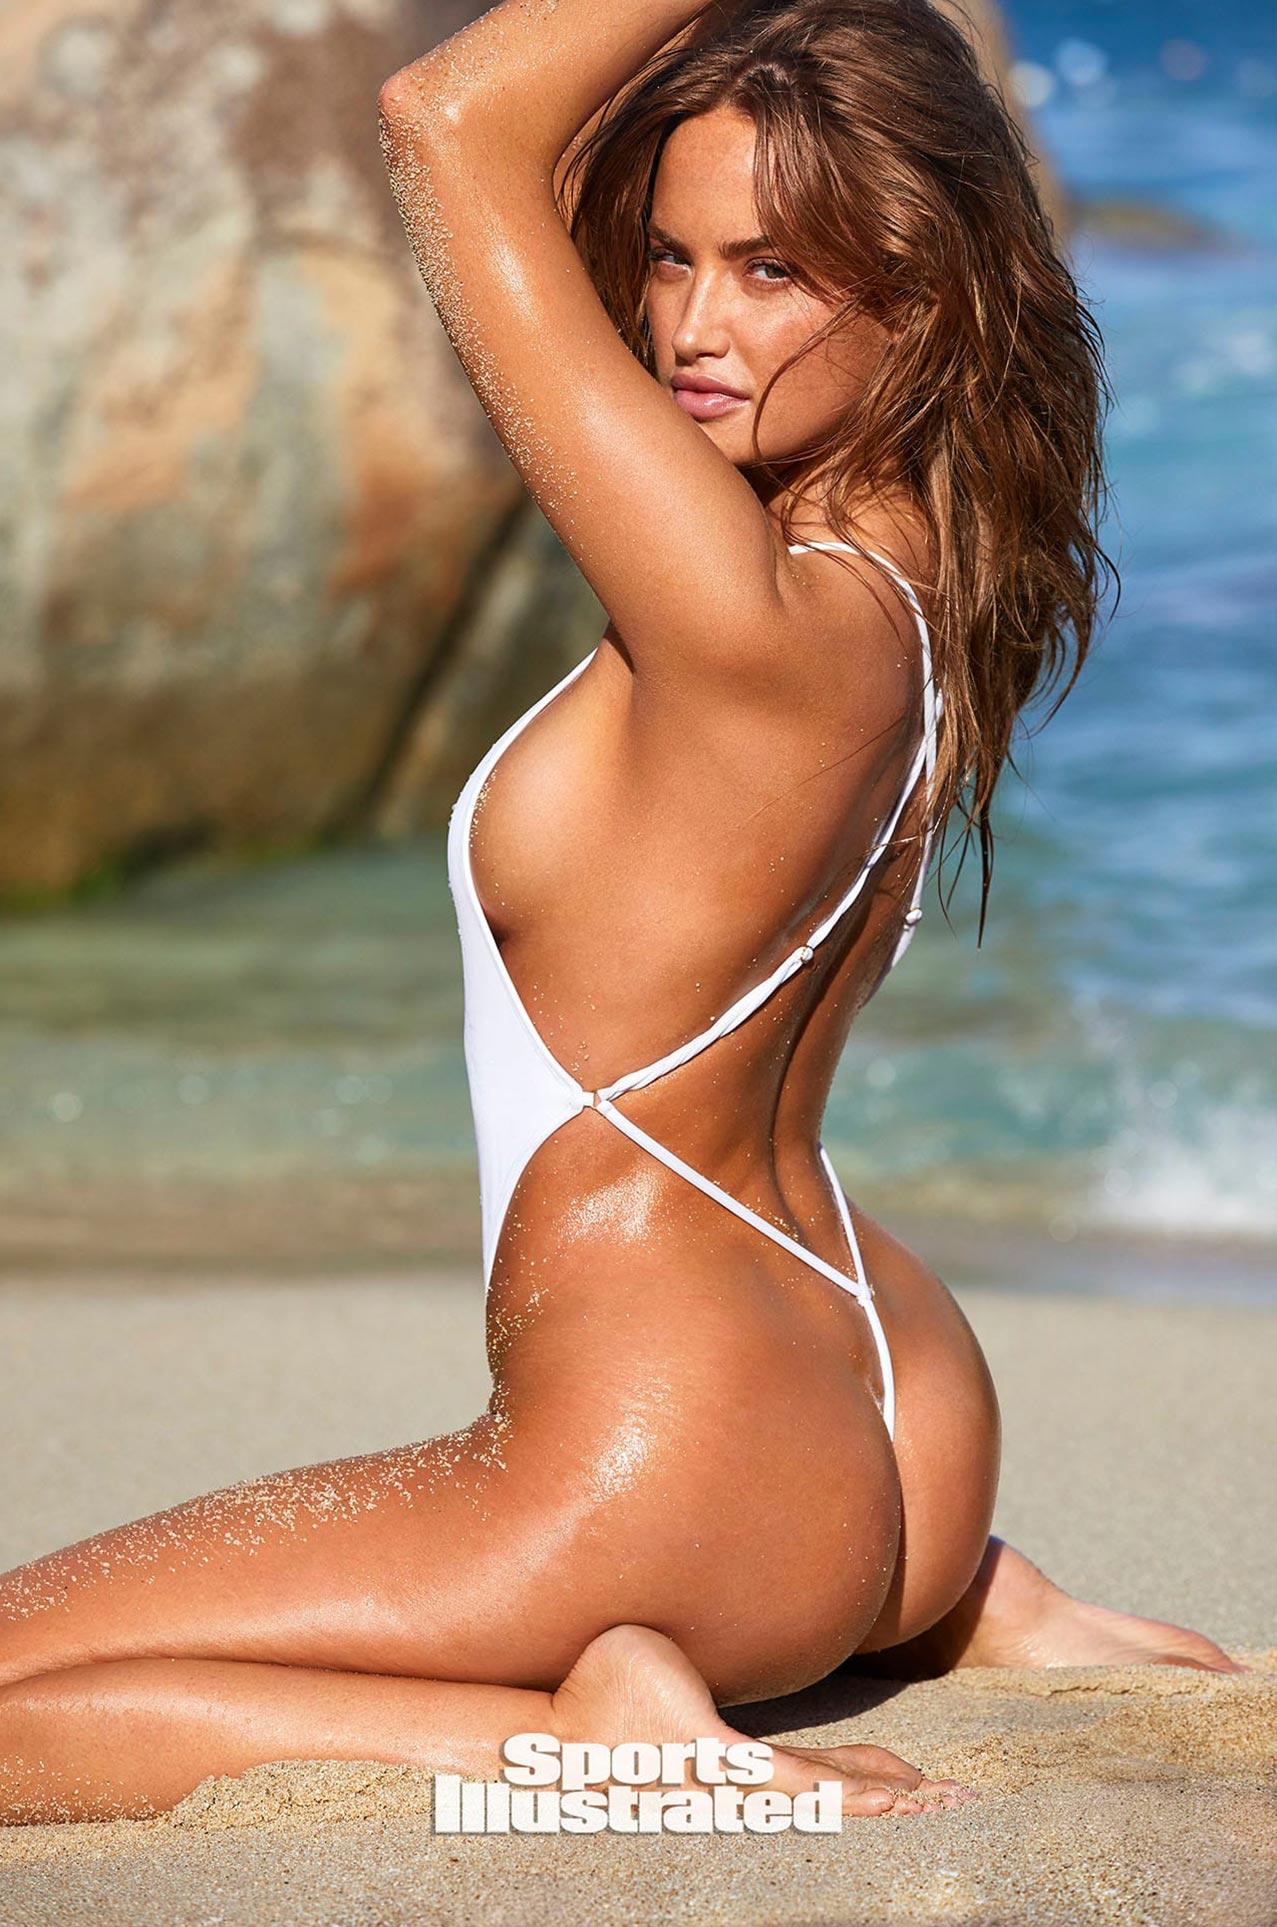 Хейли Калил в каталоге купальников Sports Illustrated Swimsuit 2020 / фото 19